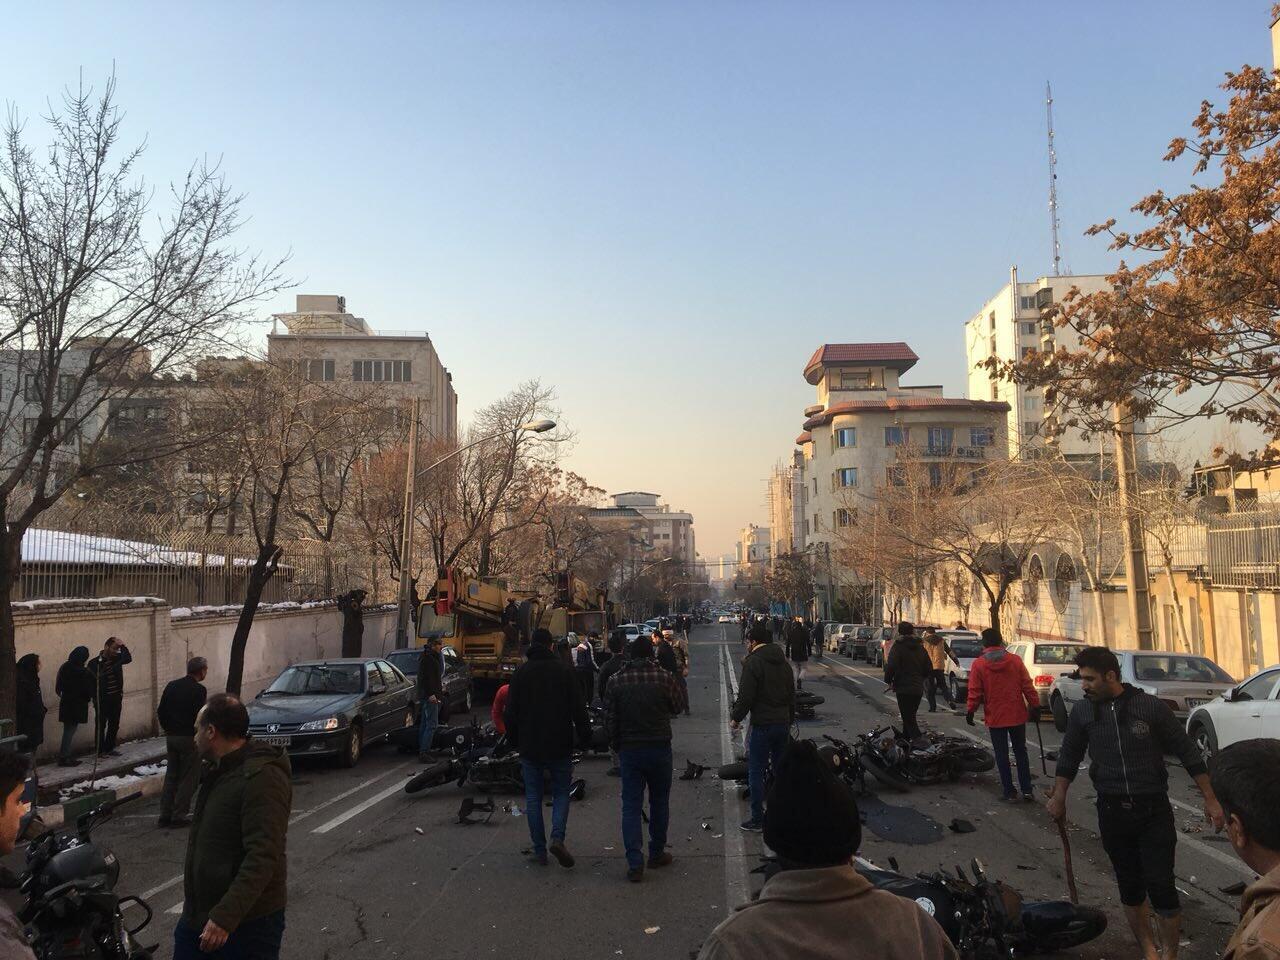 حضور نیروهای امنیتی، روز یکشنبه، در نزدیکی محل سکونت نورعلی تابنده به درگیری میان دراویش گنابادی وماموران انجامید